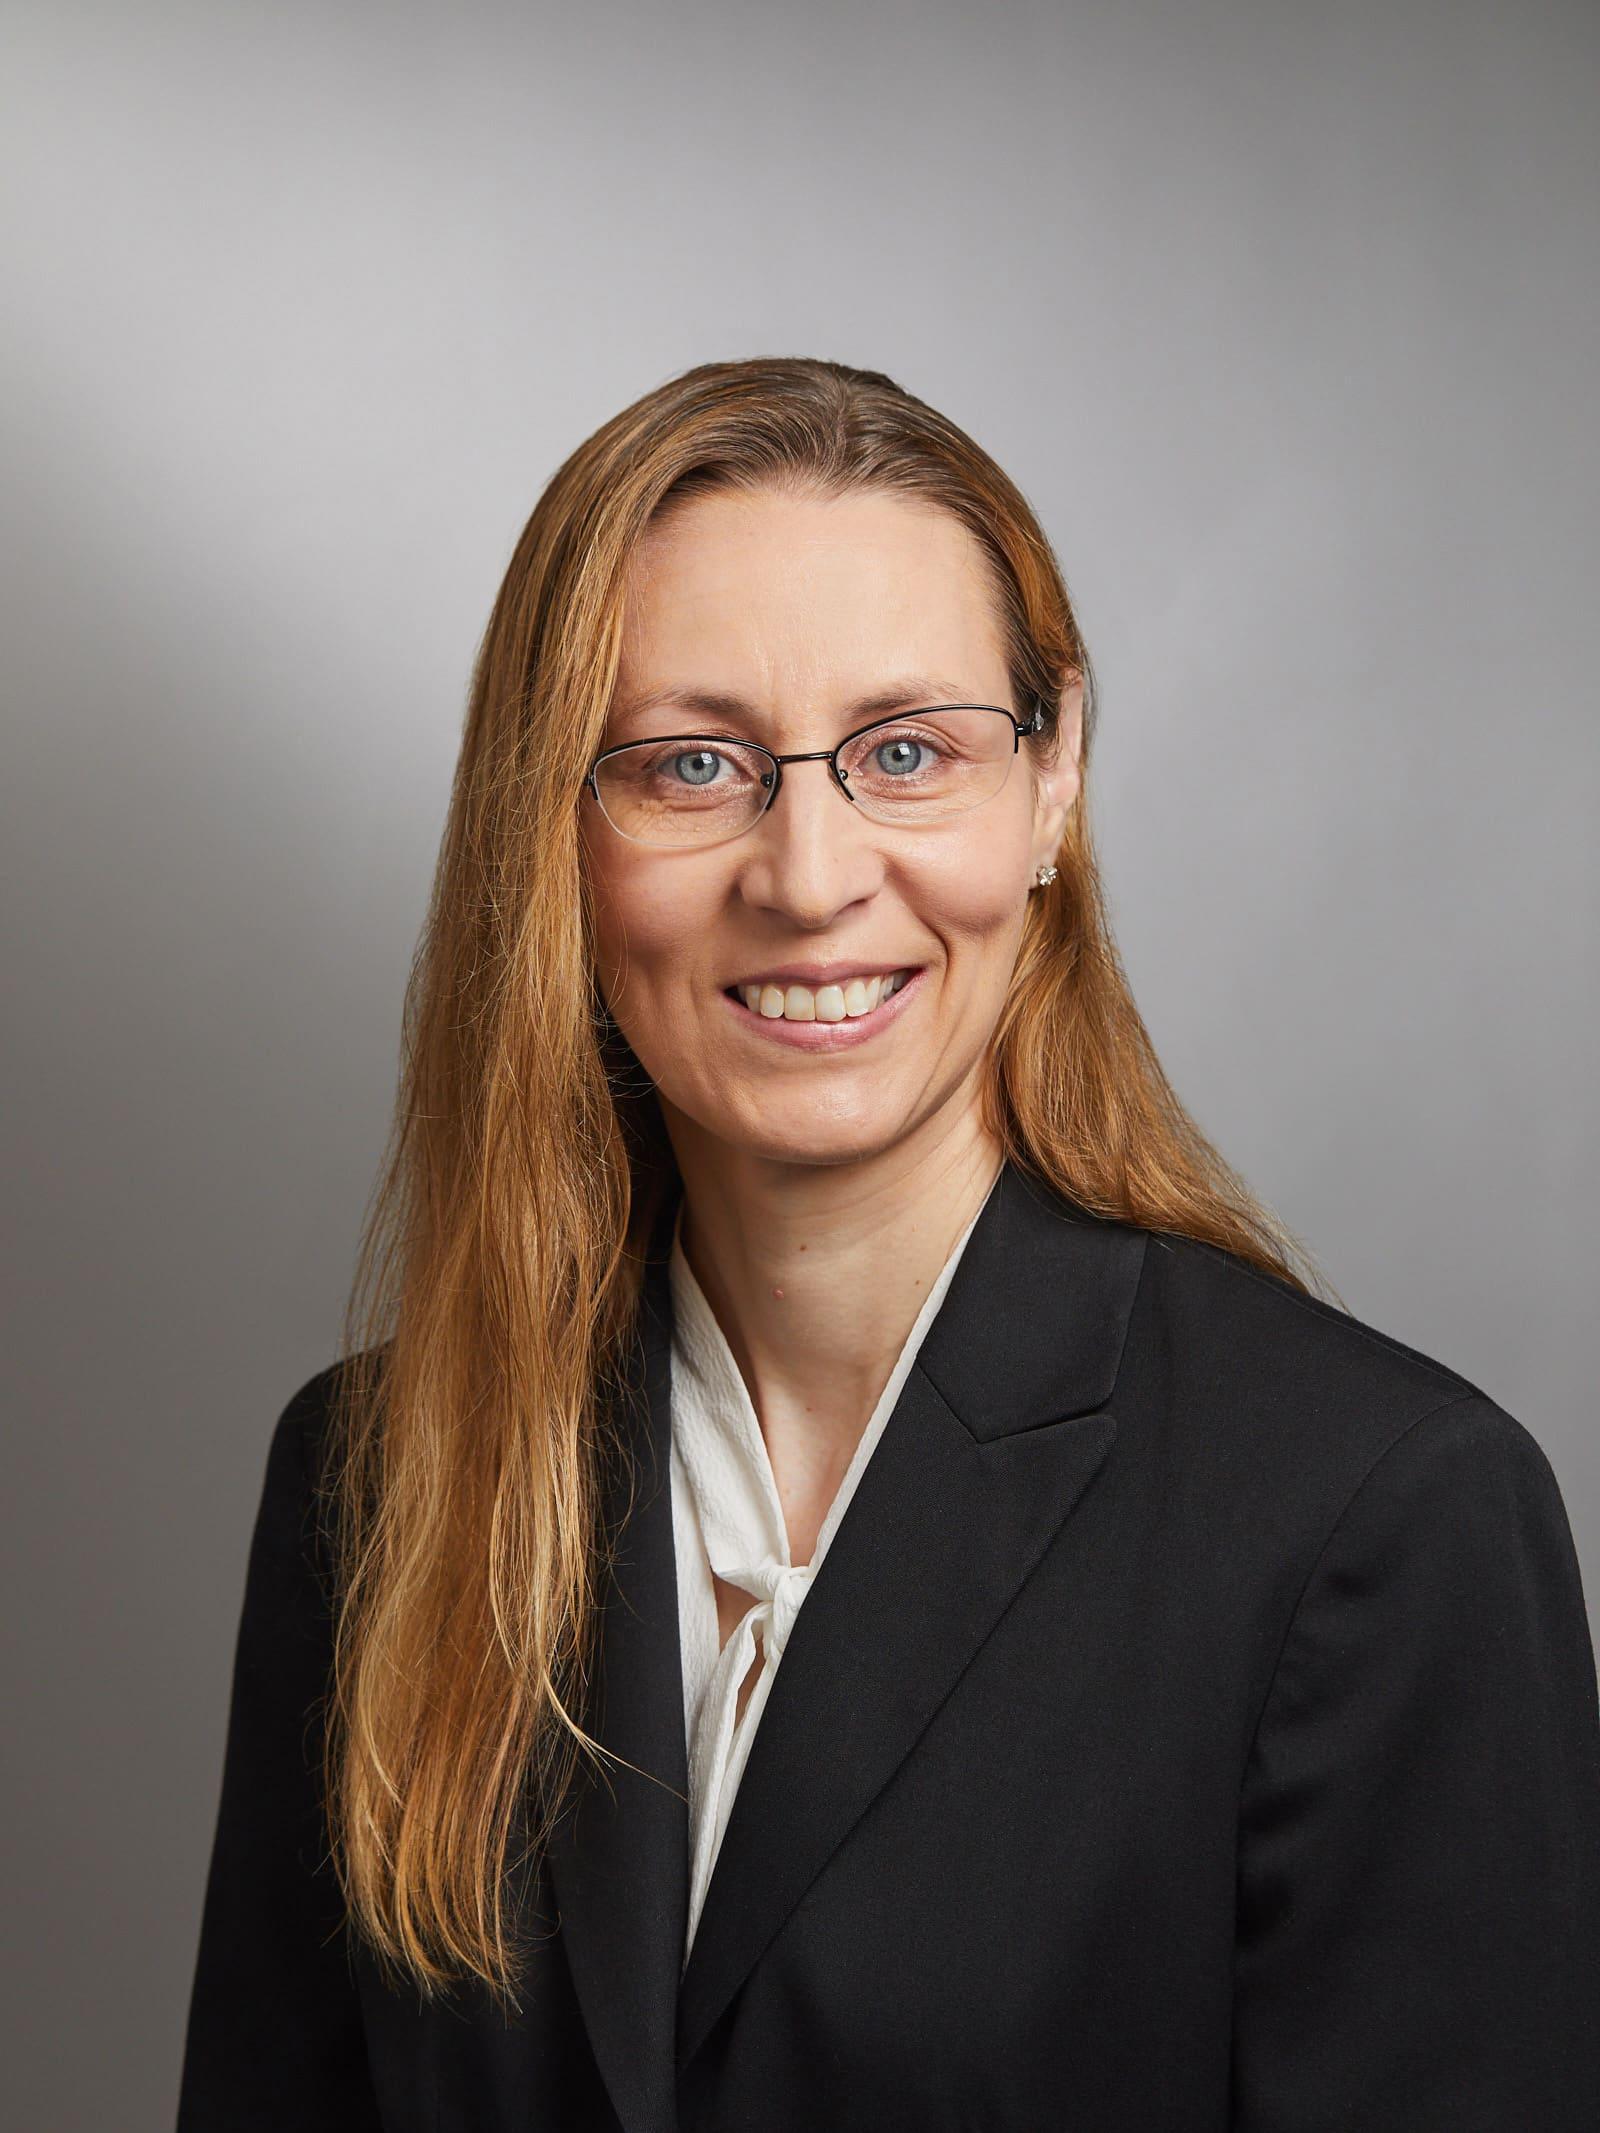 Jill Zafar